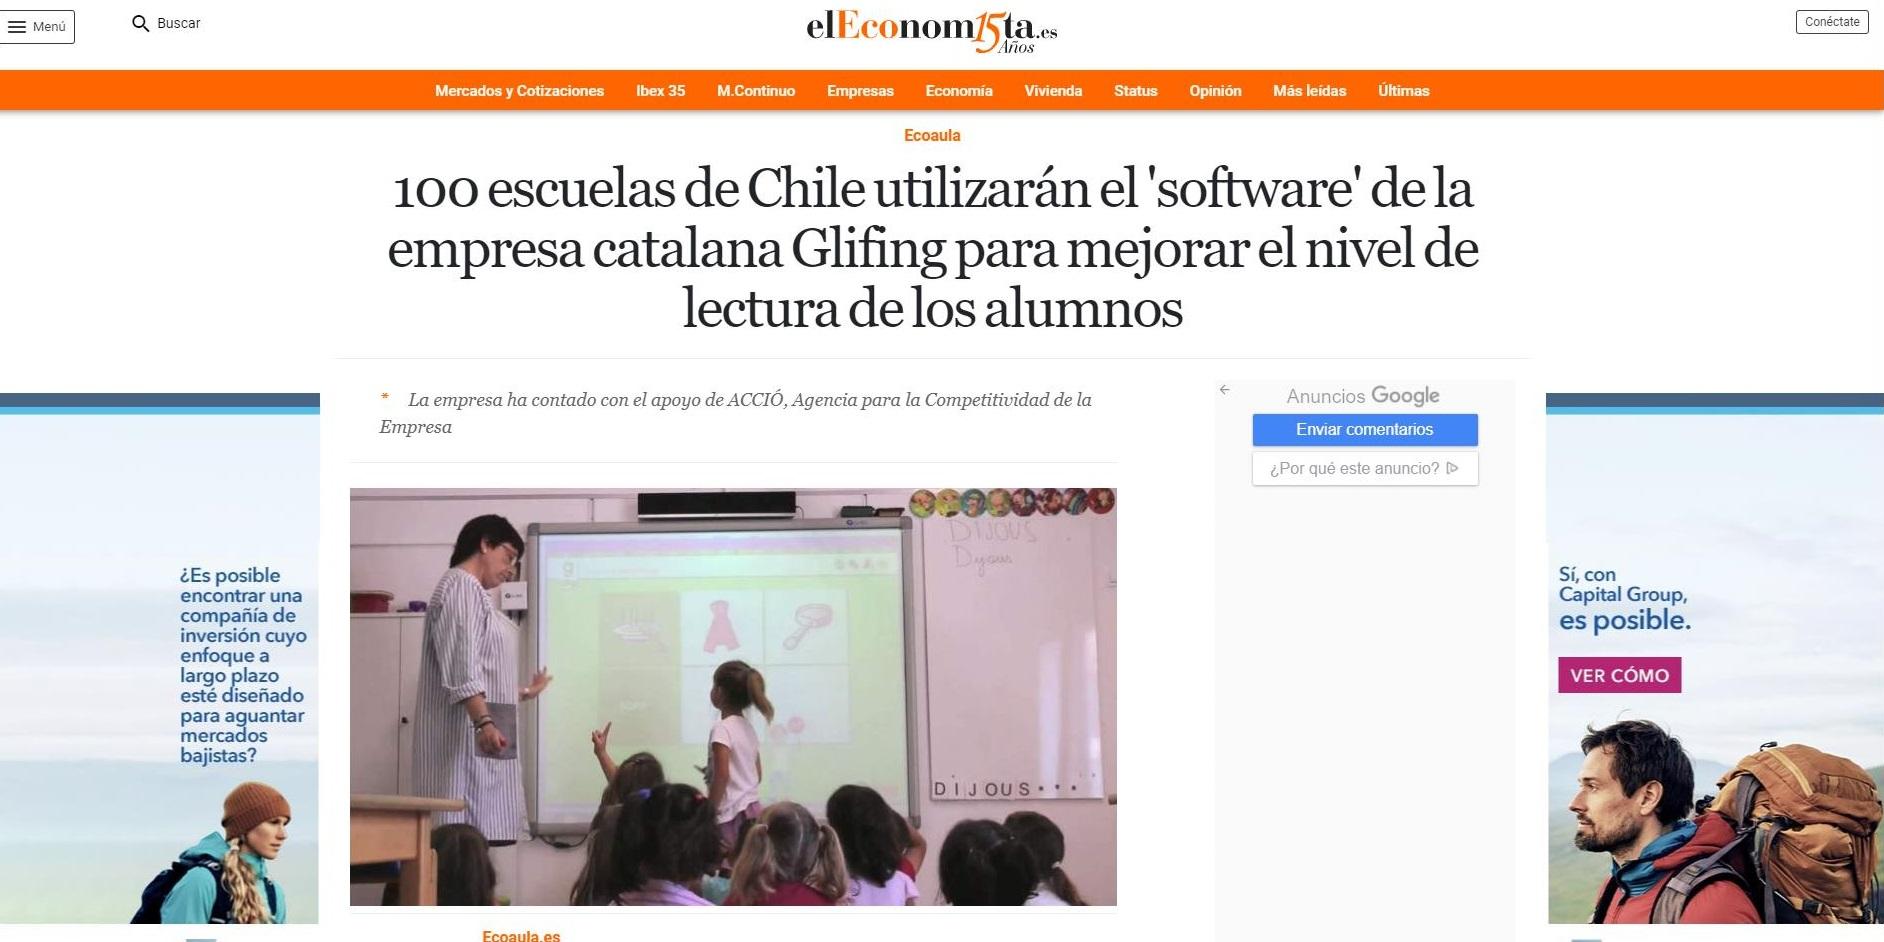 Glifing en el espacio Ecoaula de El Economista - 22/03/2021 gabinete de prensa